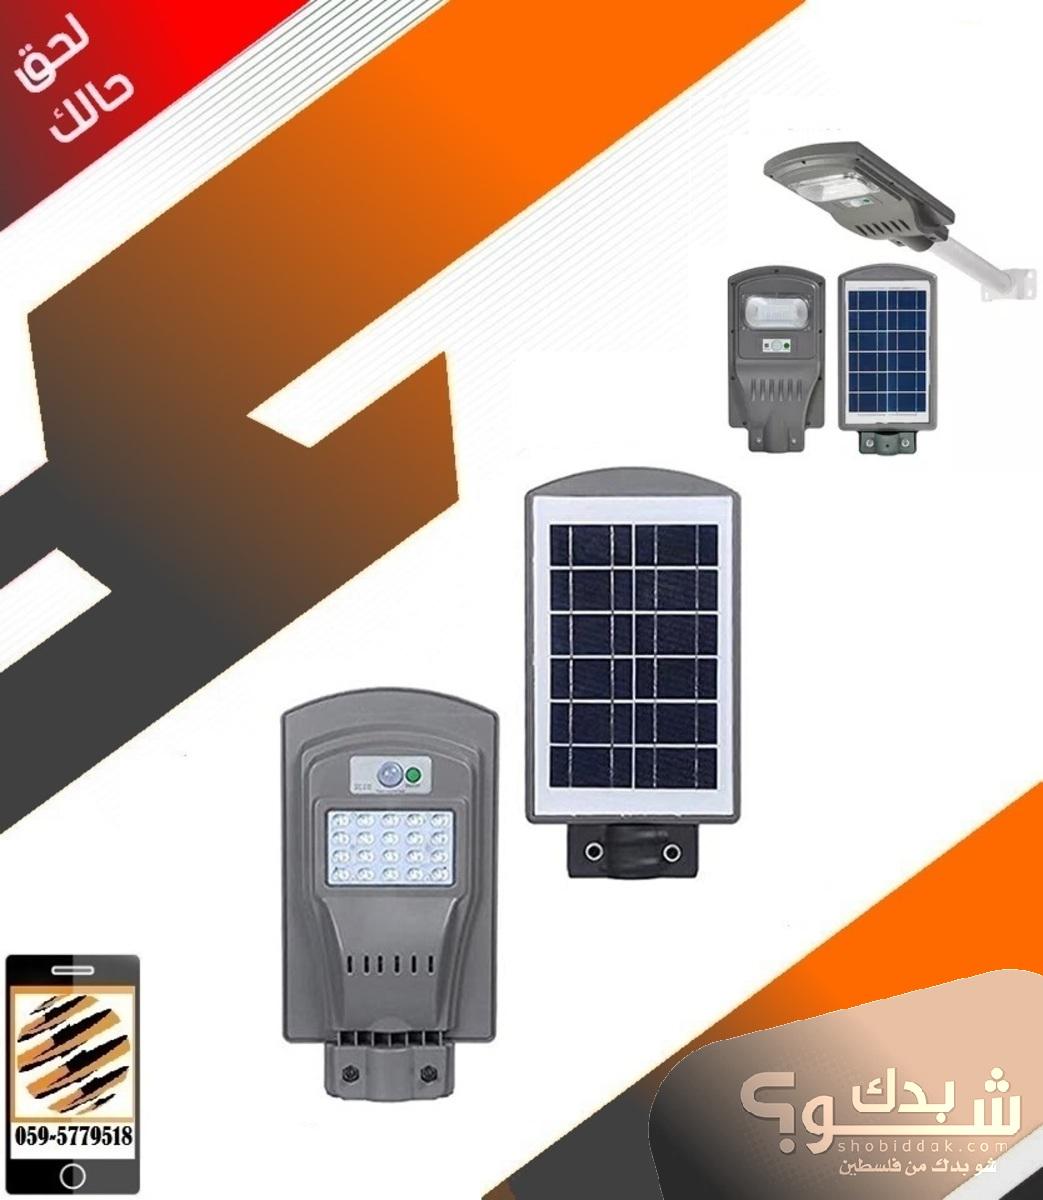 SOLAR LIGHTكشافات الطاقة الشمسية للشوارع | شو بدك من فلسطين؟